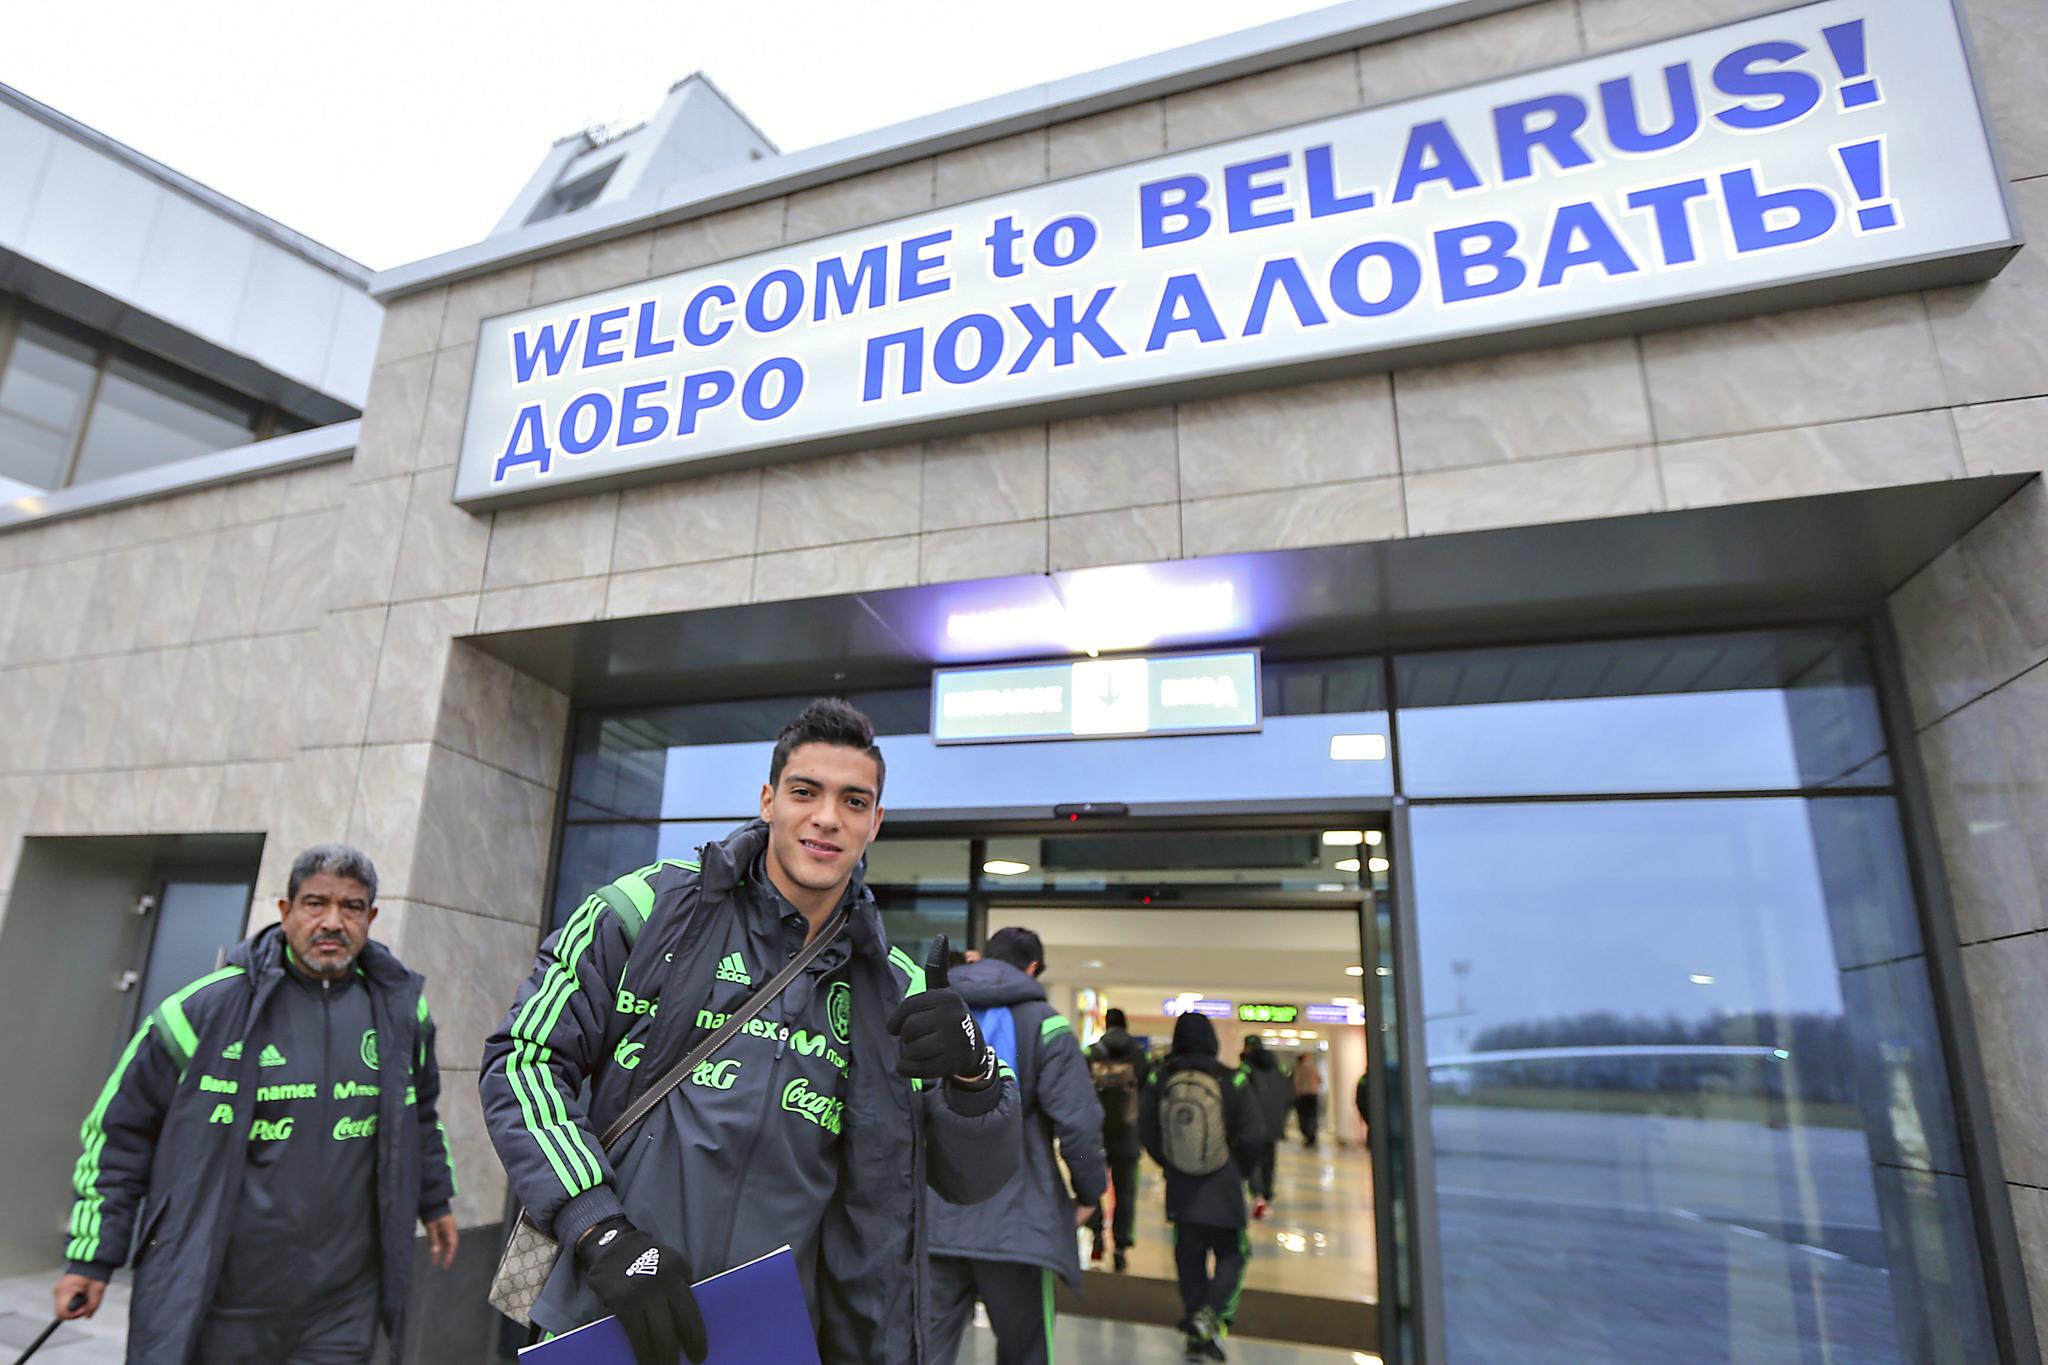 Jugadores de la selección mexicana en Bielorrusia.